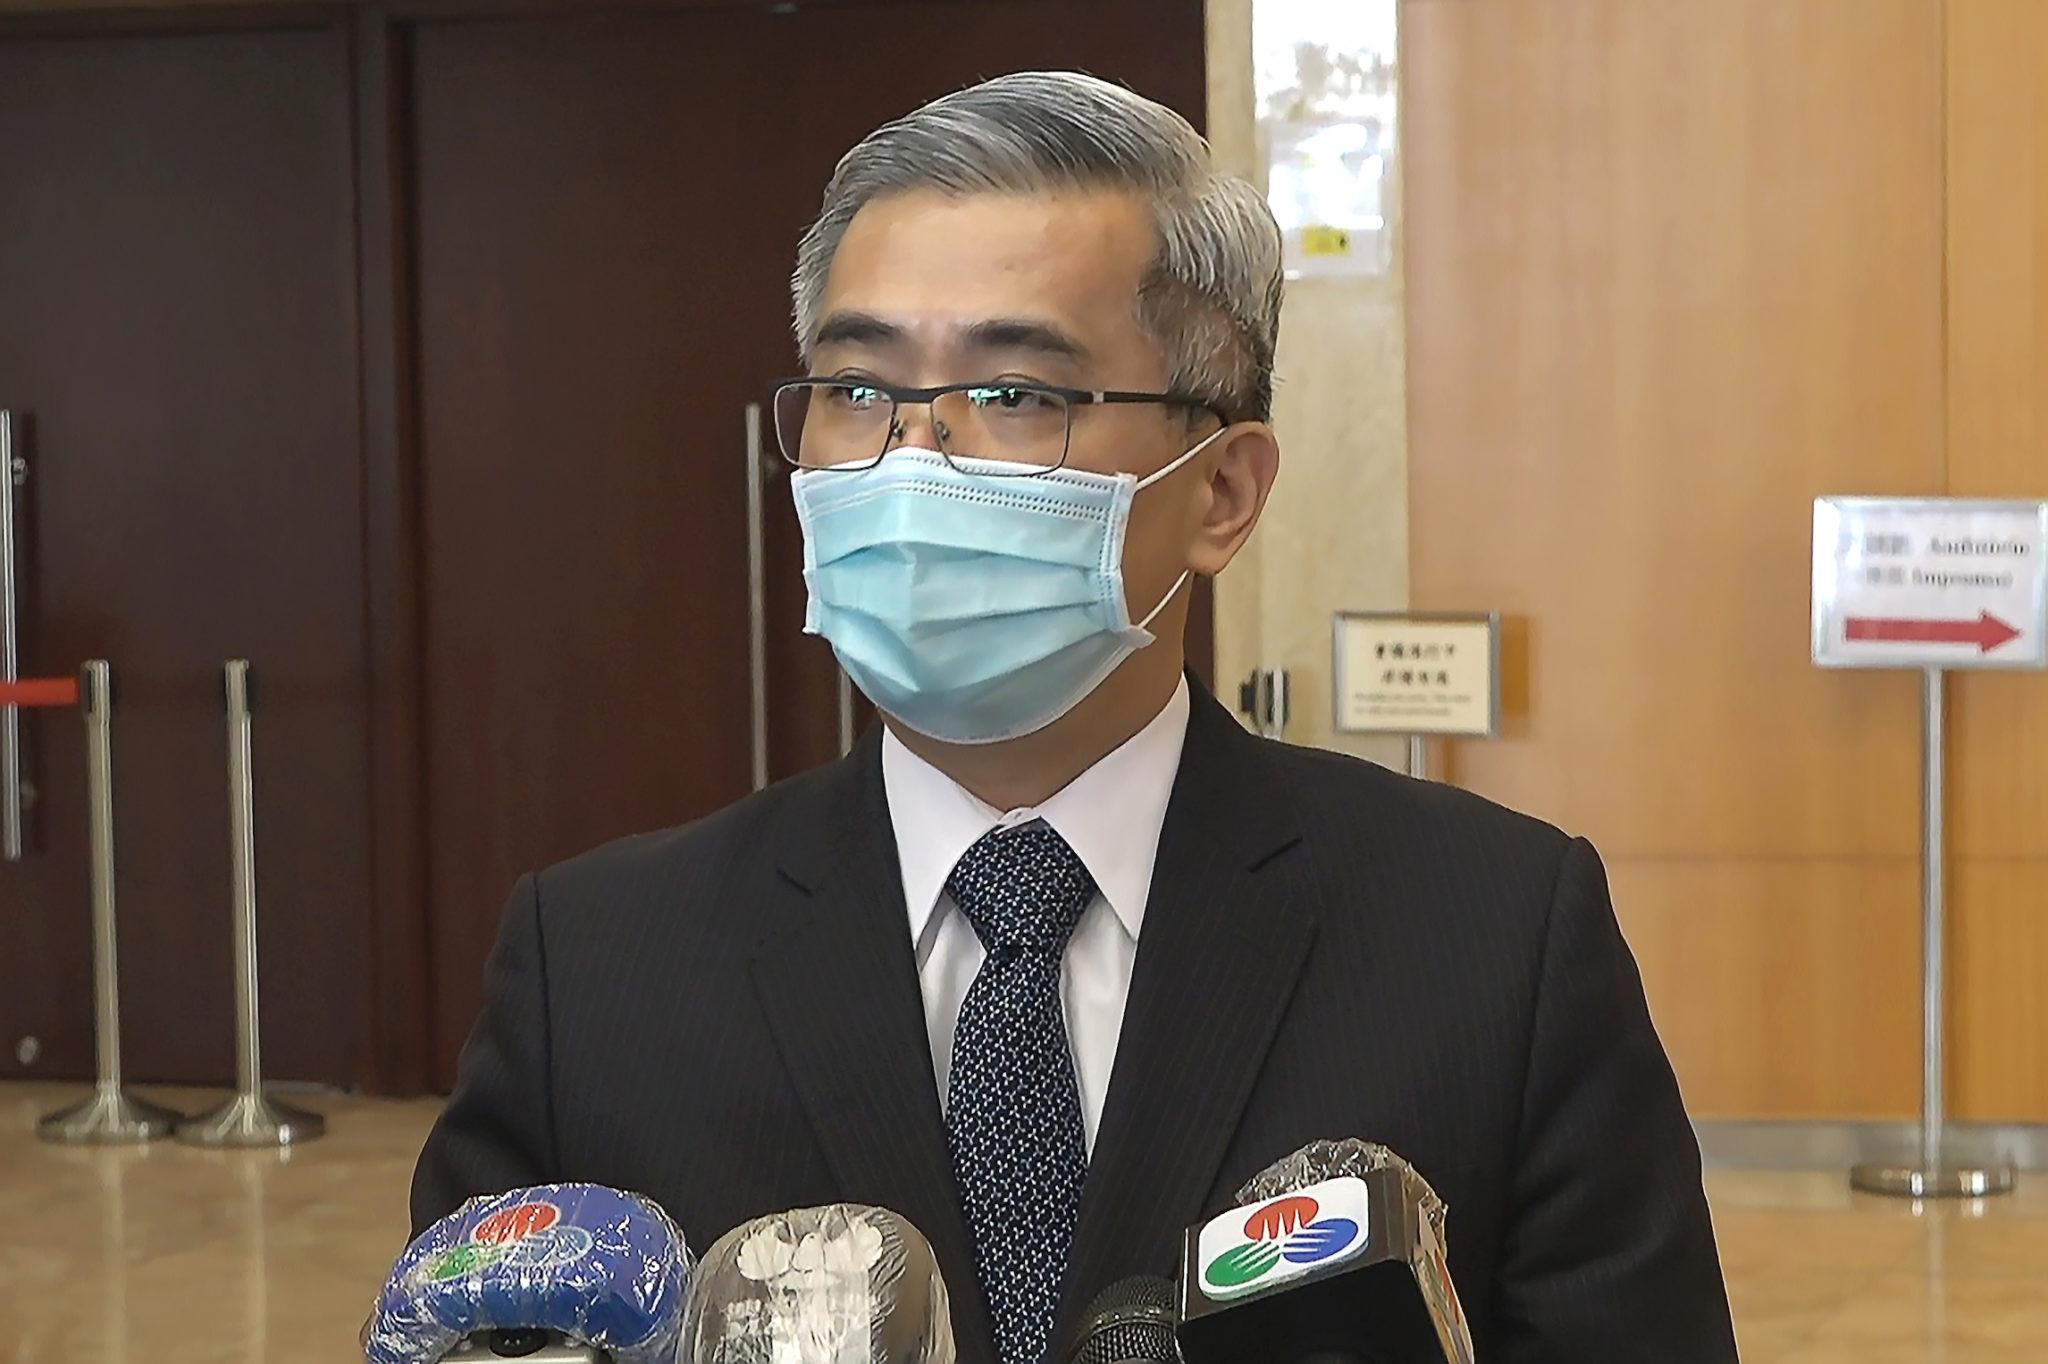 Lei da segurança nacional de Hong Kong é referência para Macau, diz Wong Sio Chak